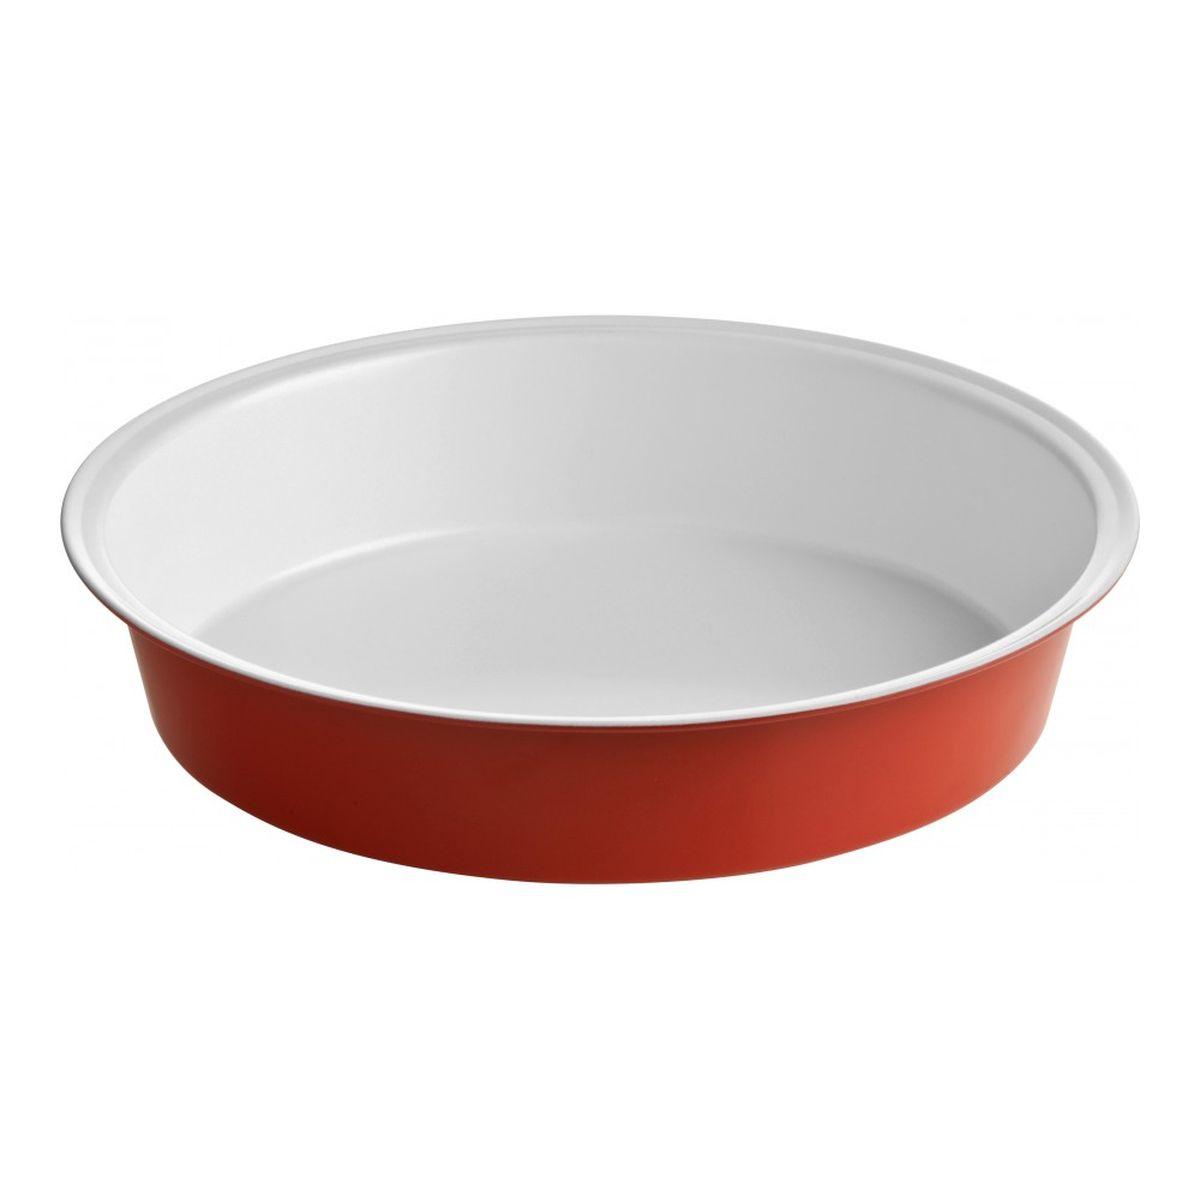 Форма для запекания Premier Housewares Eco Cook391602Форма д/запекания Eco Cook с КЕРАМИЧ.покр. круглая глубокая